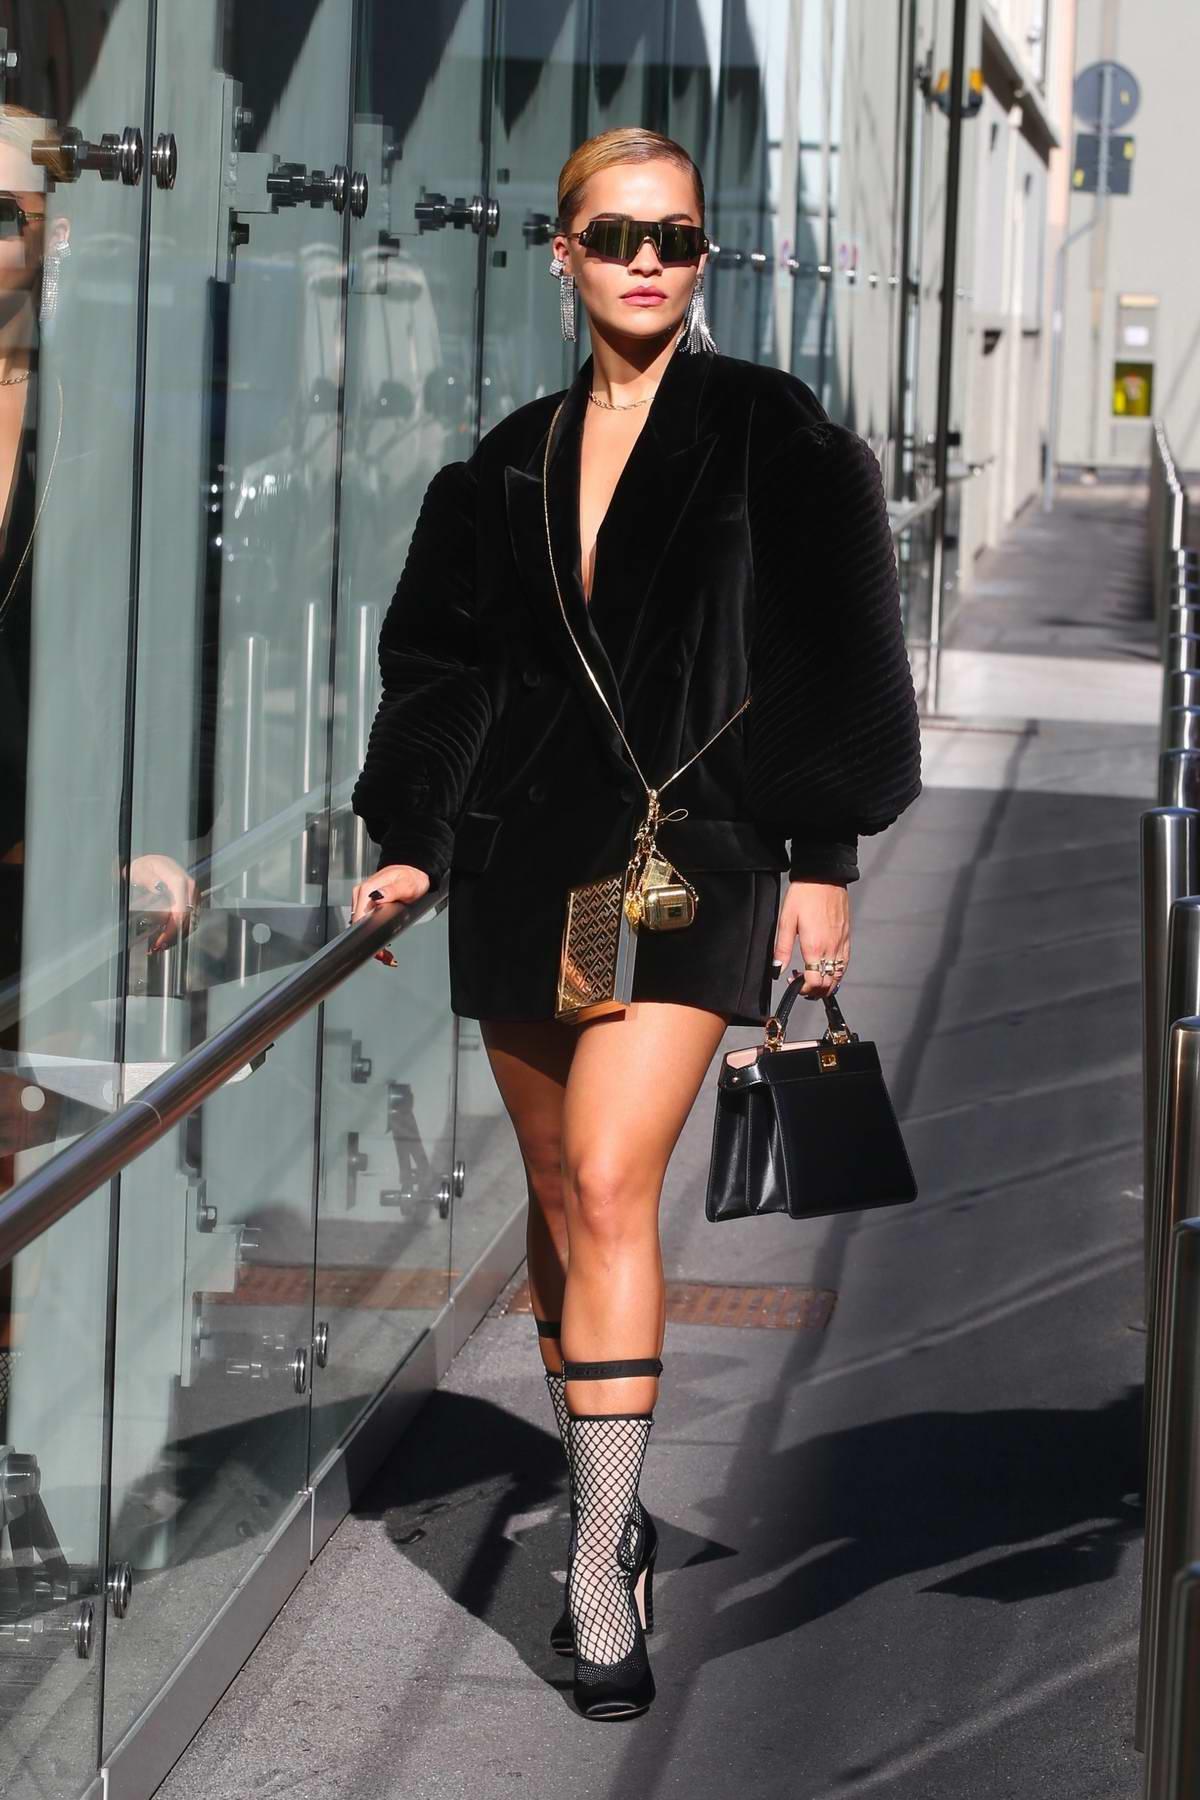 Rita Ora attends the Fendi's Spring-Summer 2021 show during Milan Fashion Week in Milan, Italy